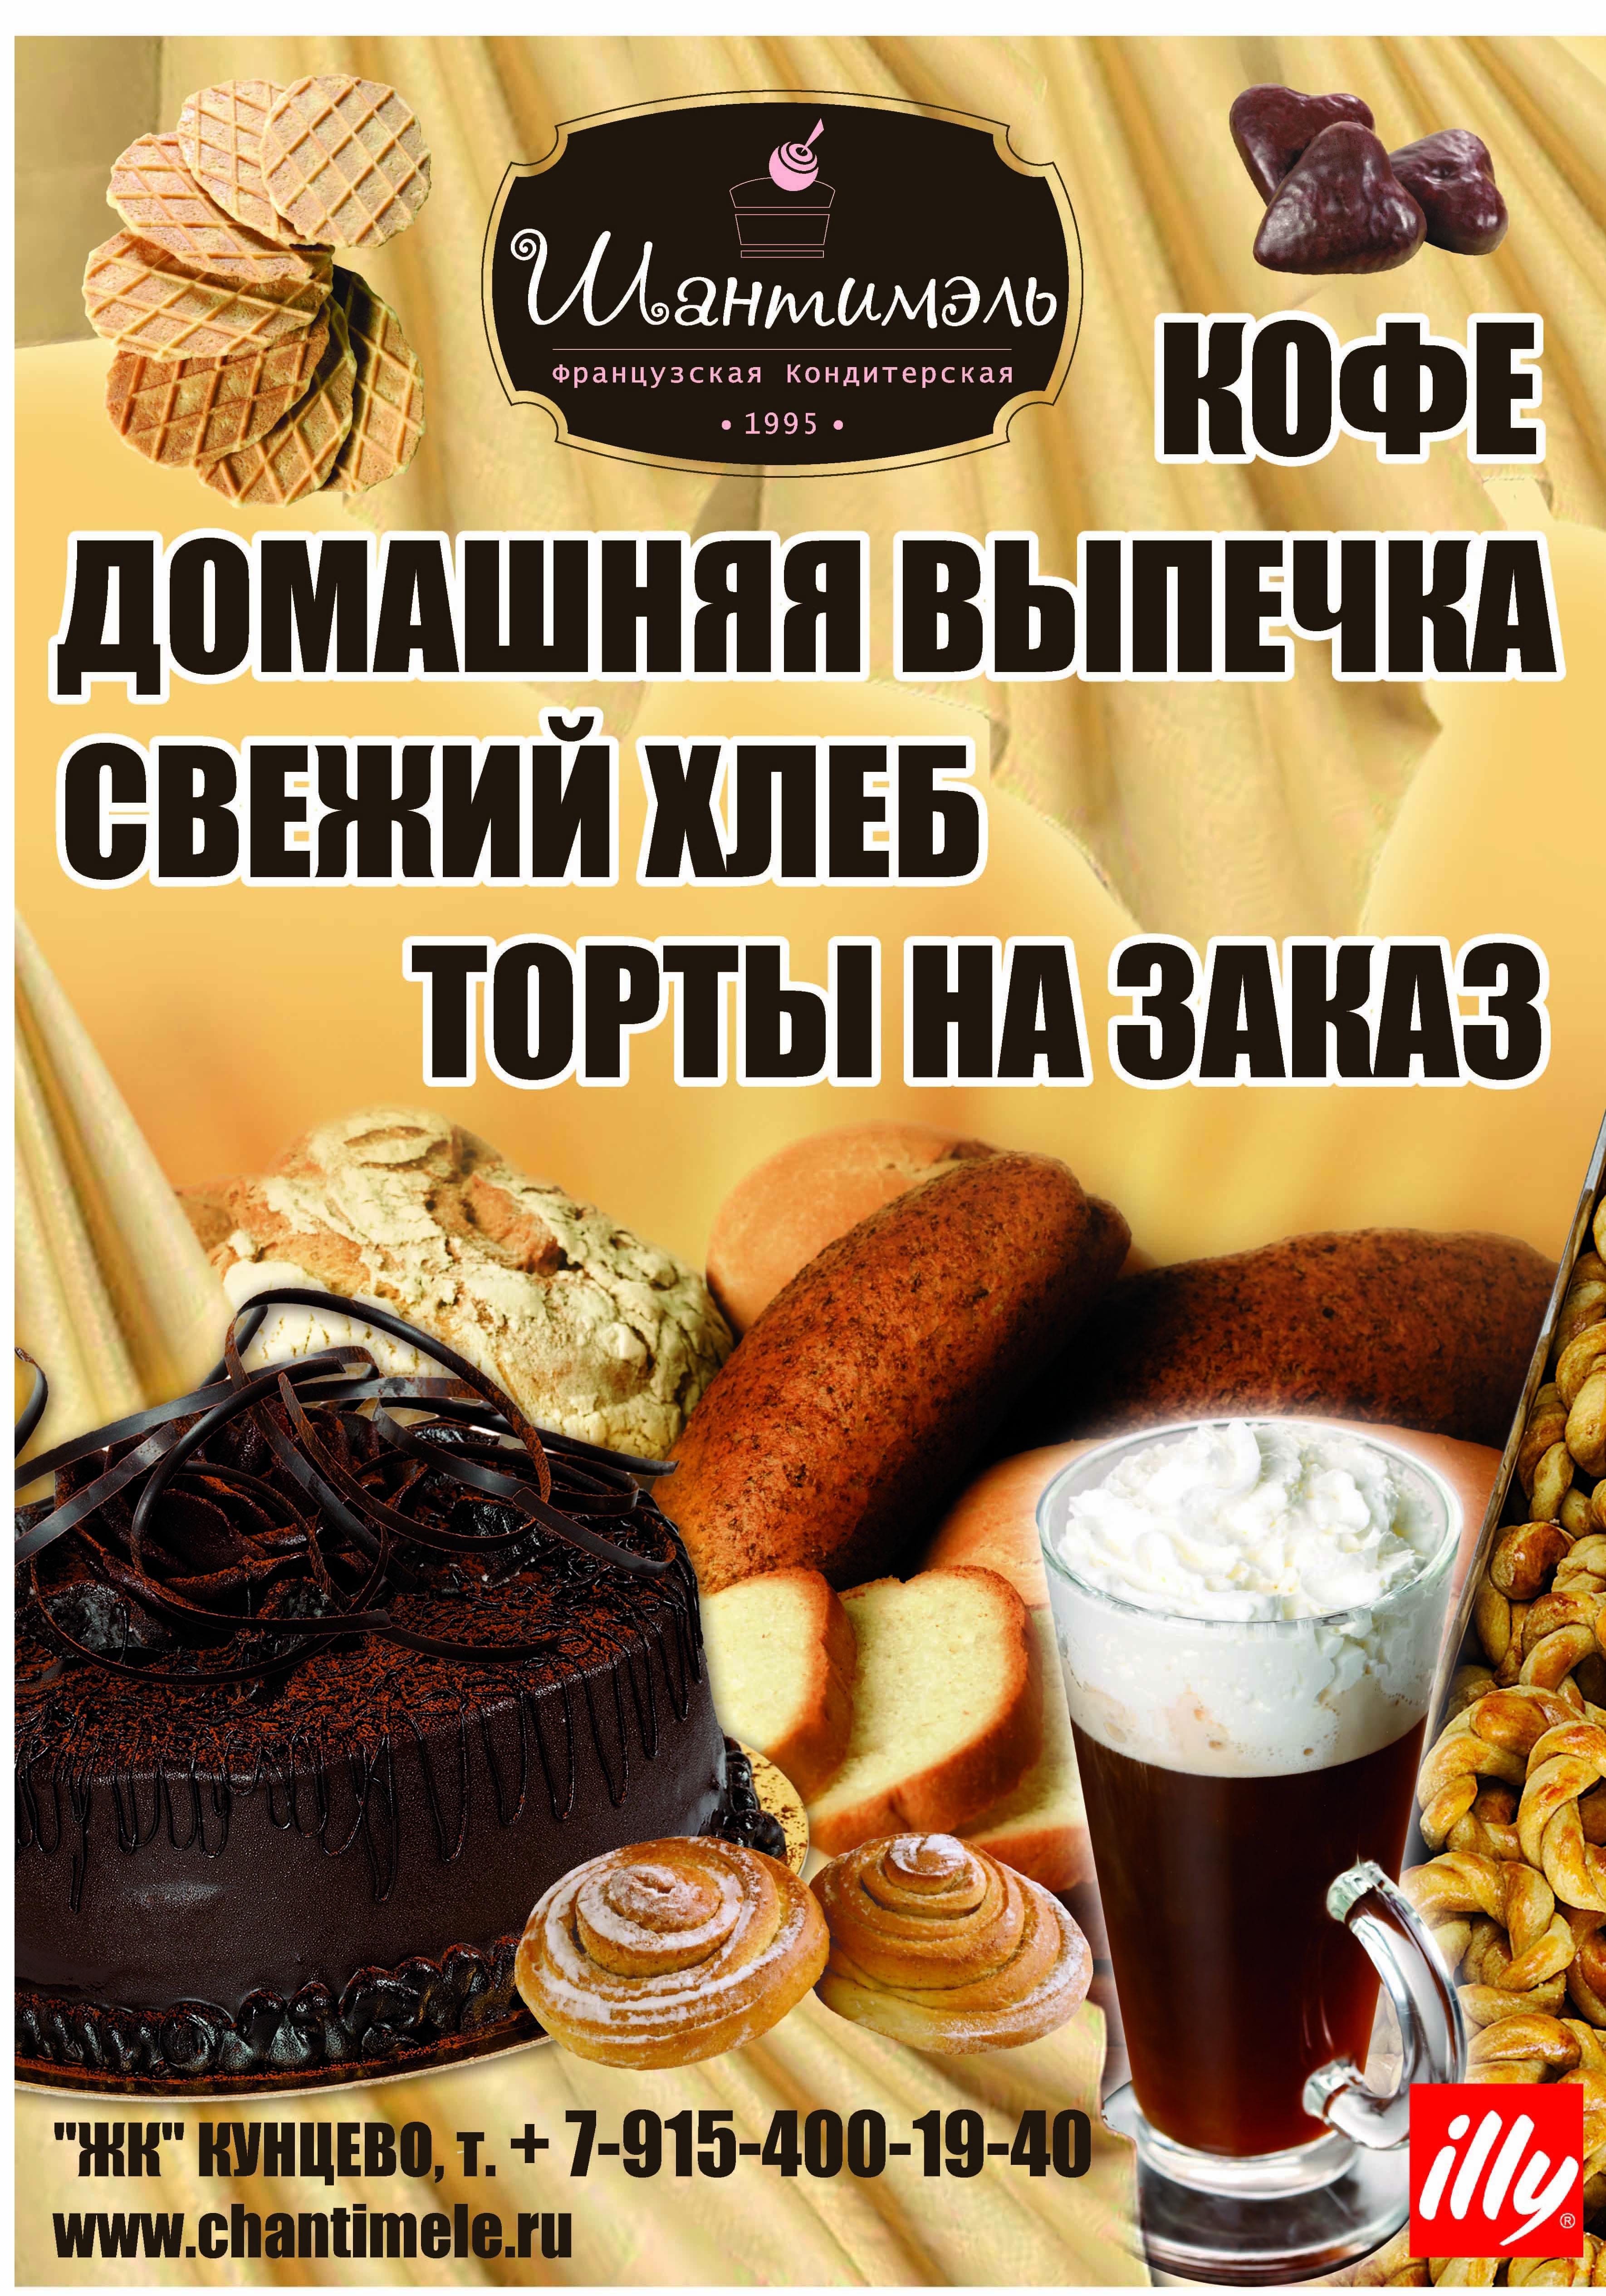 Фото известных пекарен и кондитерских нужного